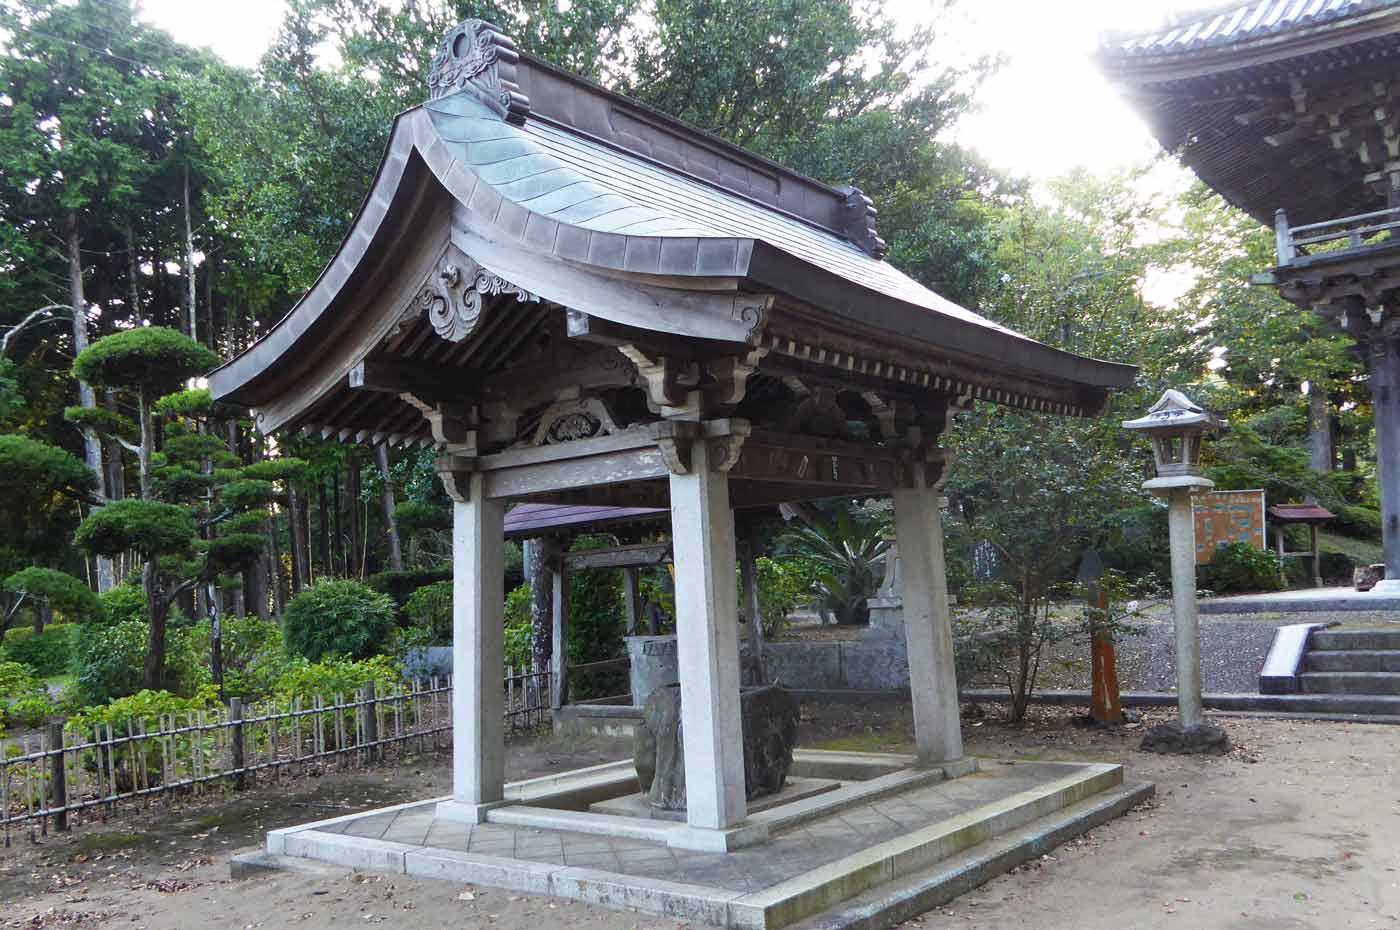 鏡忍寺の手水舎の写真